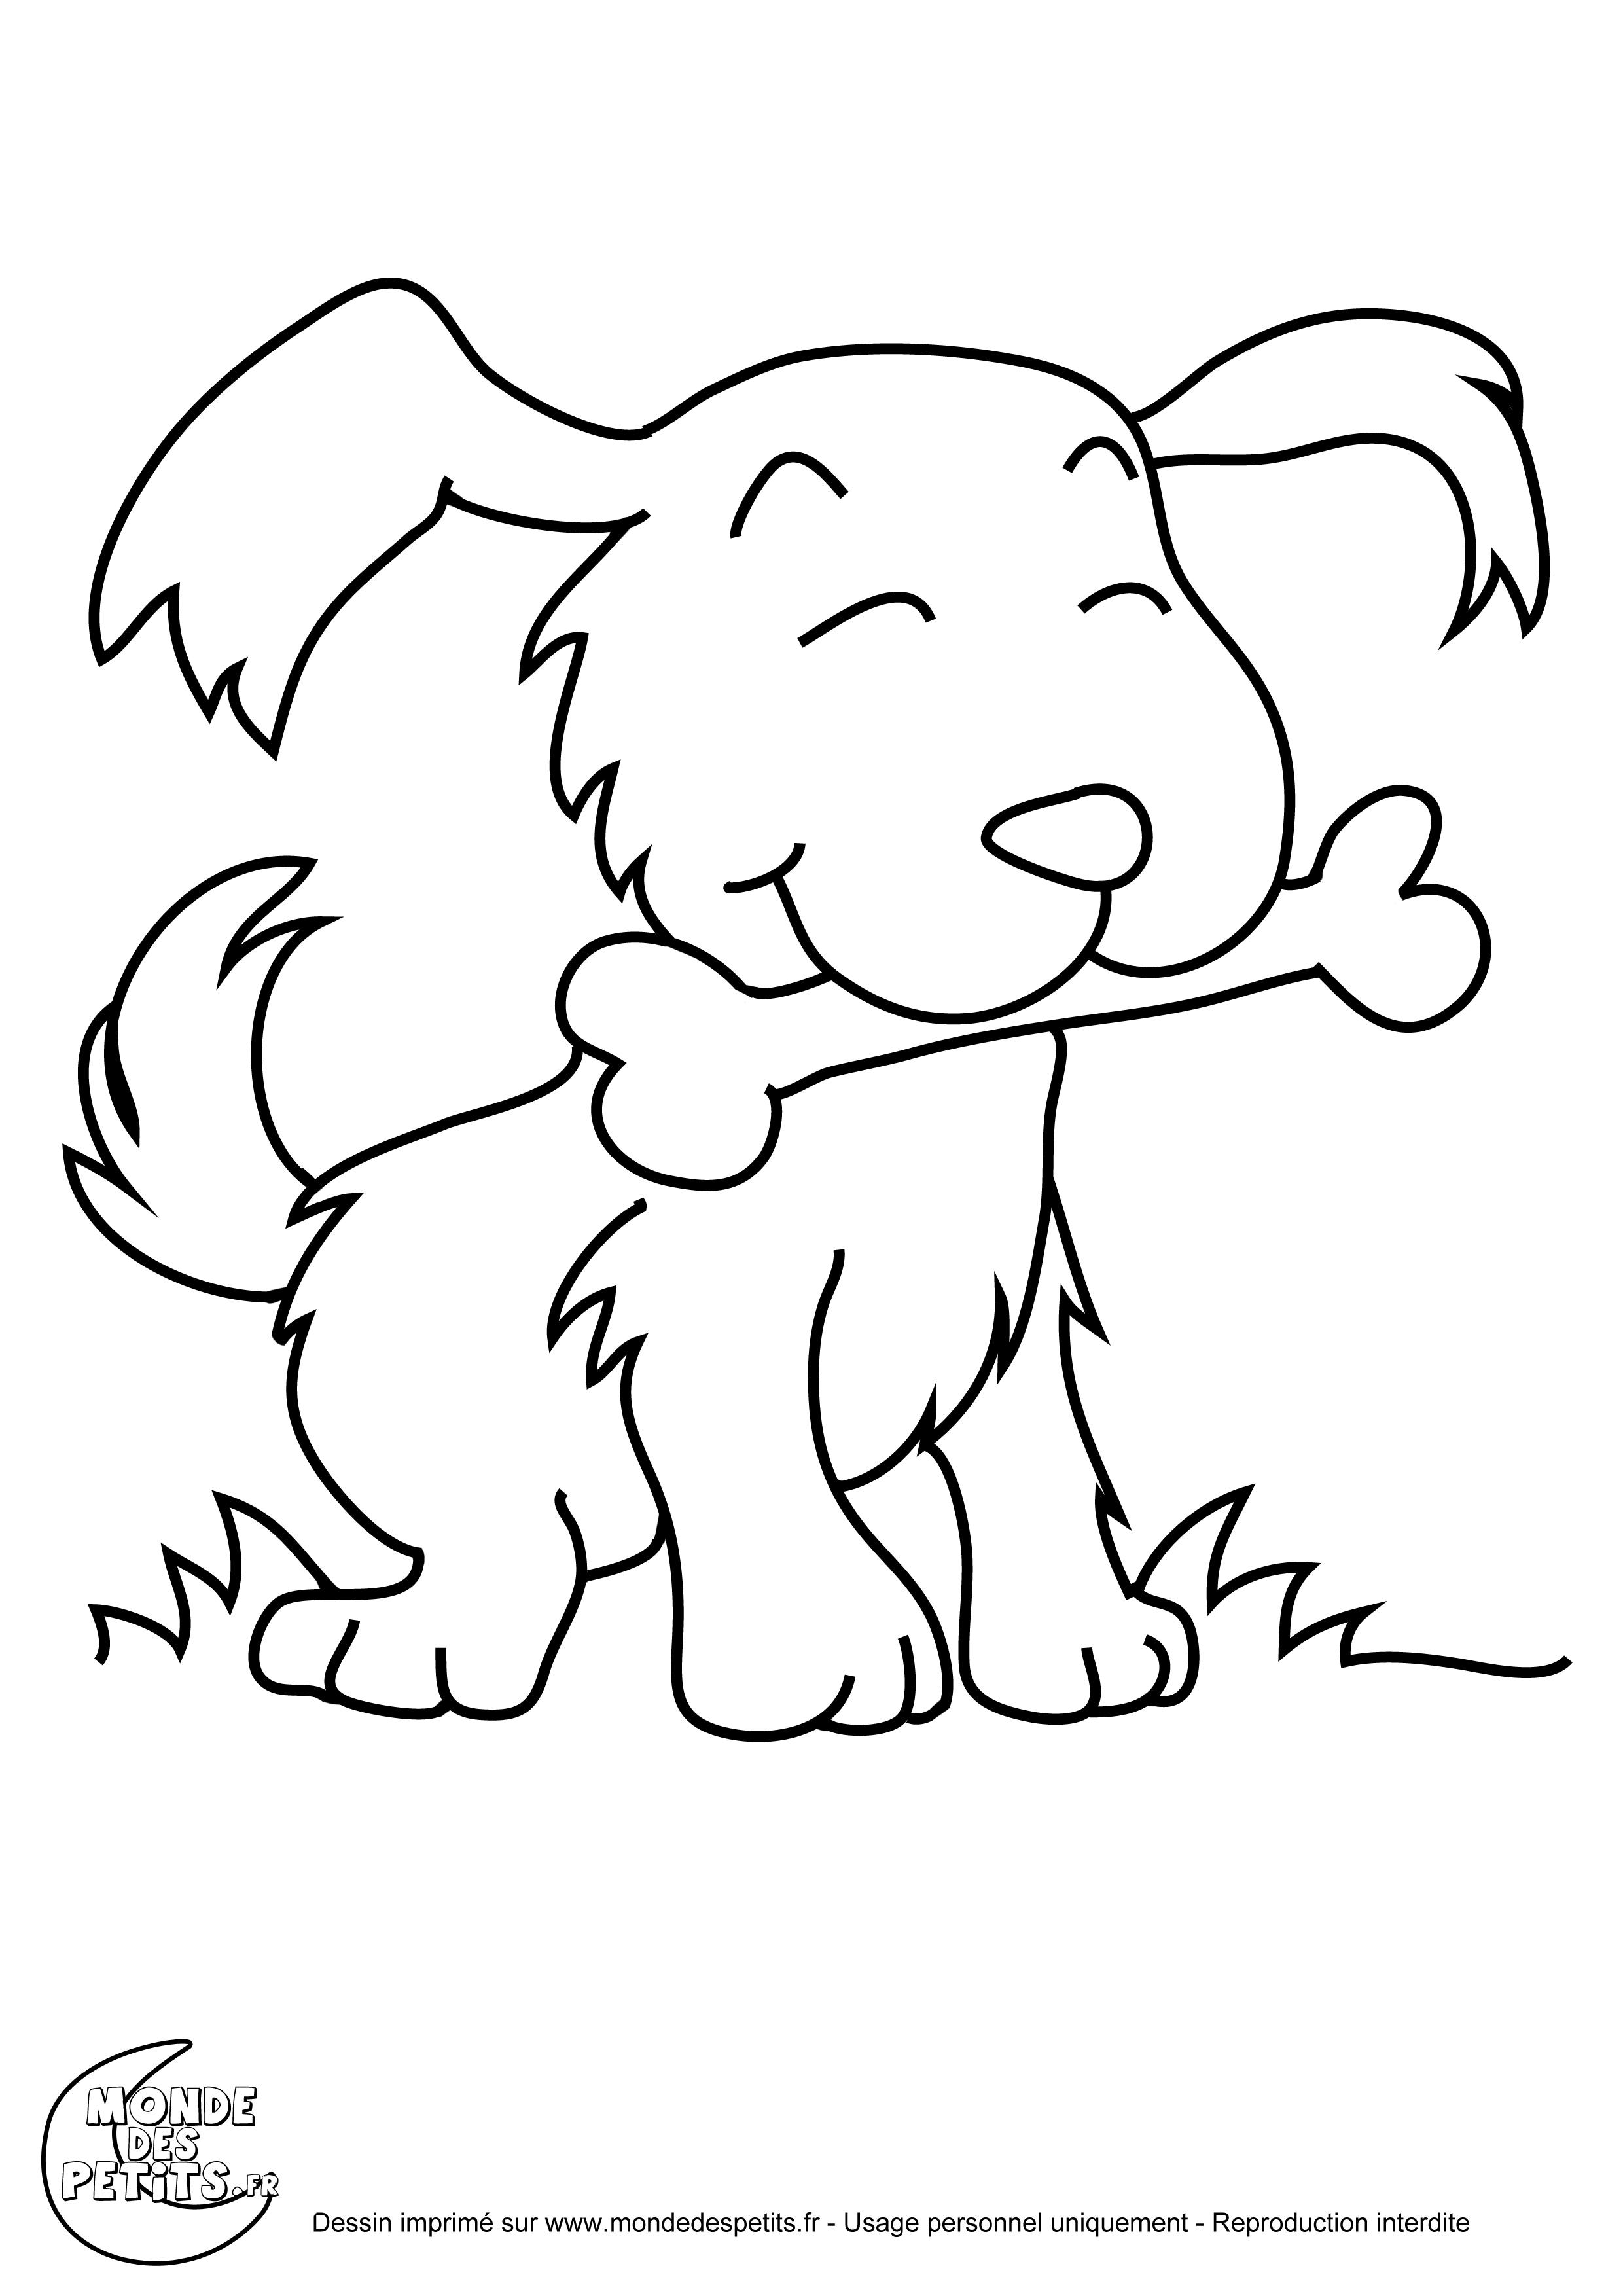 Monde des petits coloriages imprimer - Coloriage de chien ...